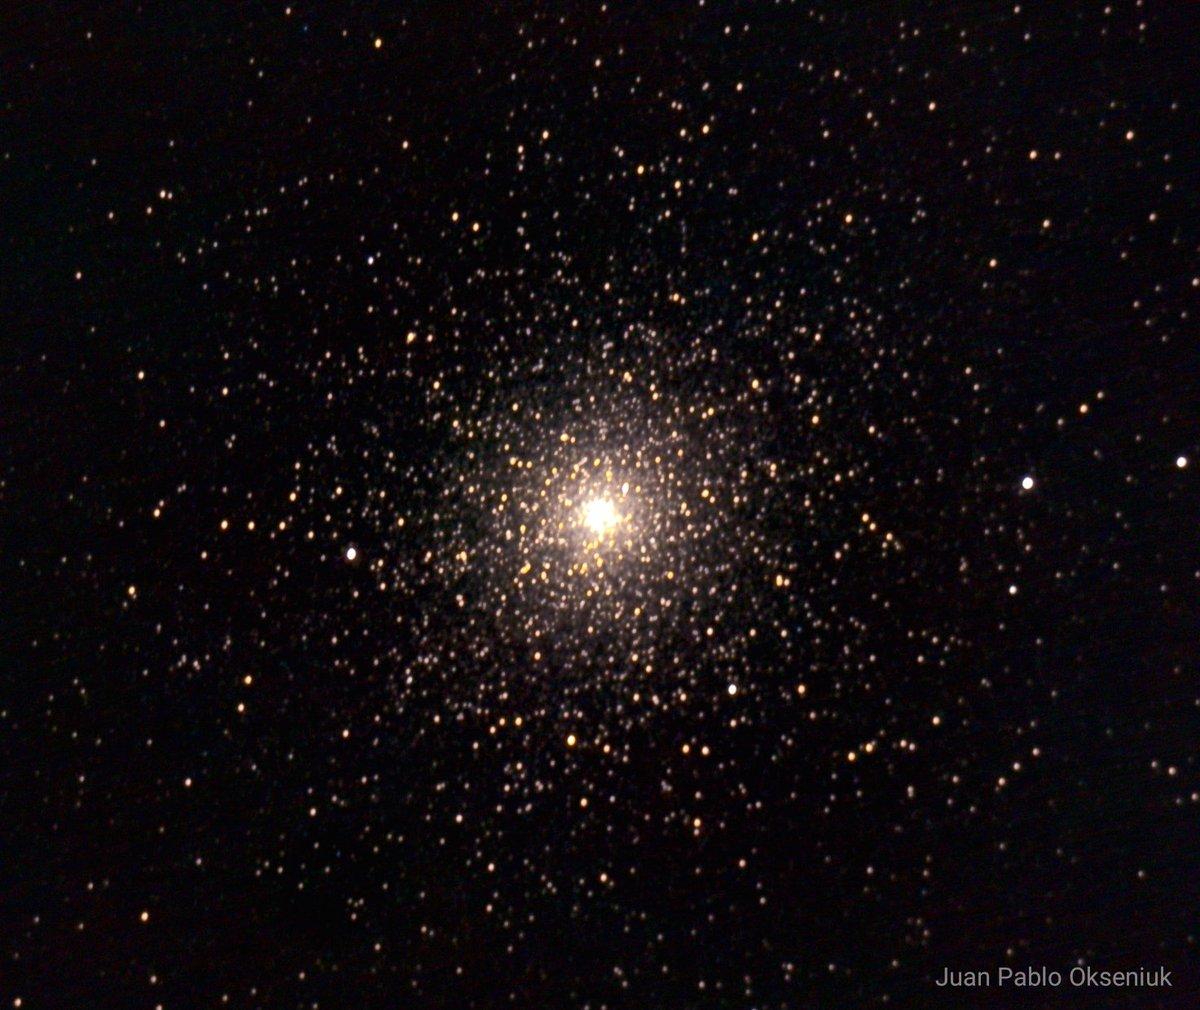 """""""Cómo un tucán, can, can. Te echaste a volar"""" . Cúmulo globular 47 Tucanae . #Astrophoto #Astrofotografia #SkyWatcher https://t.co/uKWCV5ENd4"""